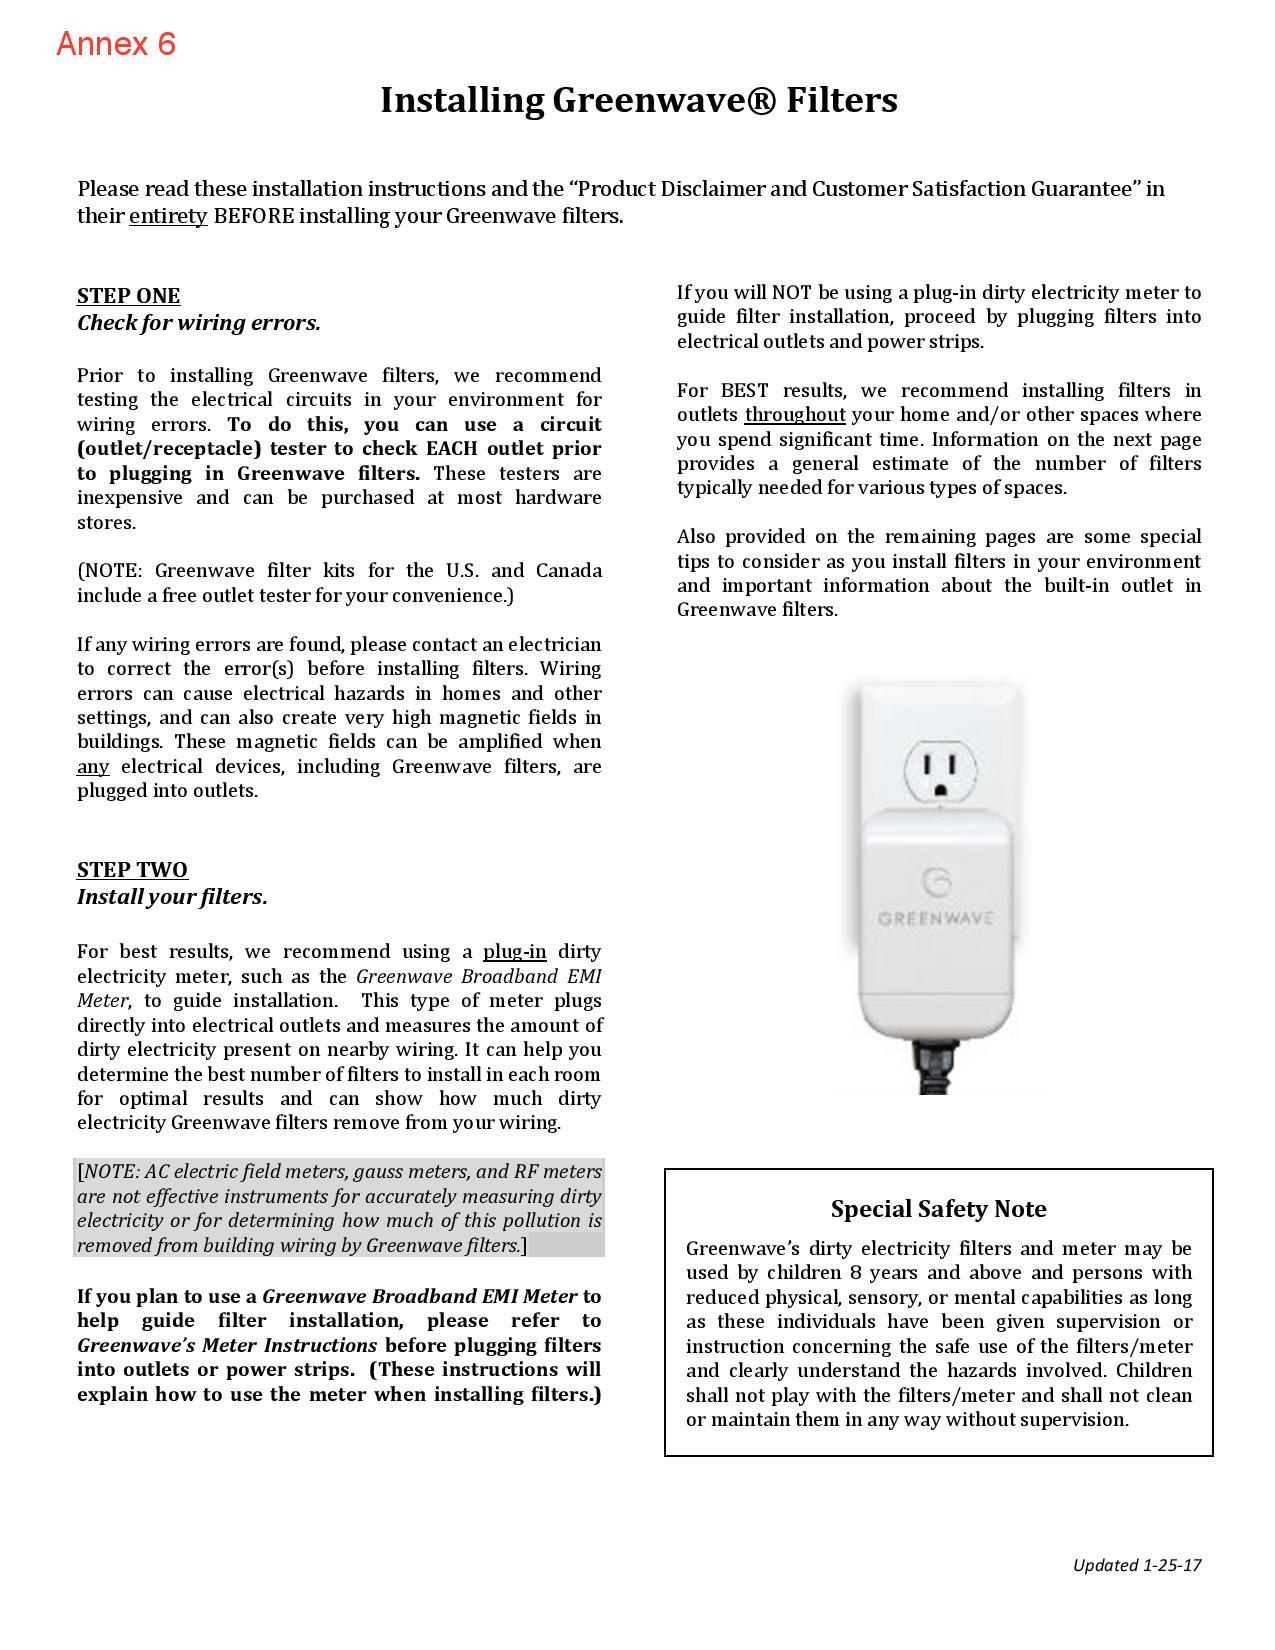 Annex 6 Greenwave-Filter copie-page-003.jpg